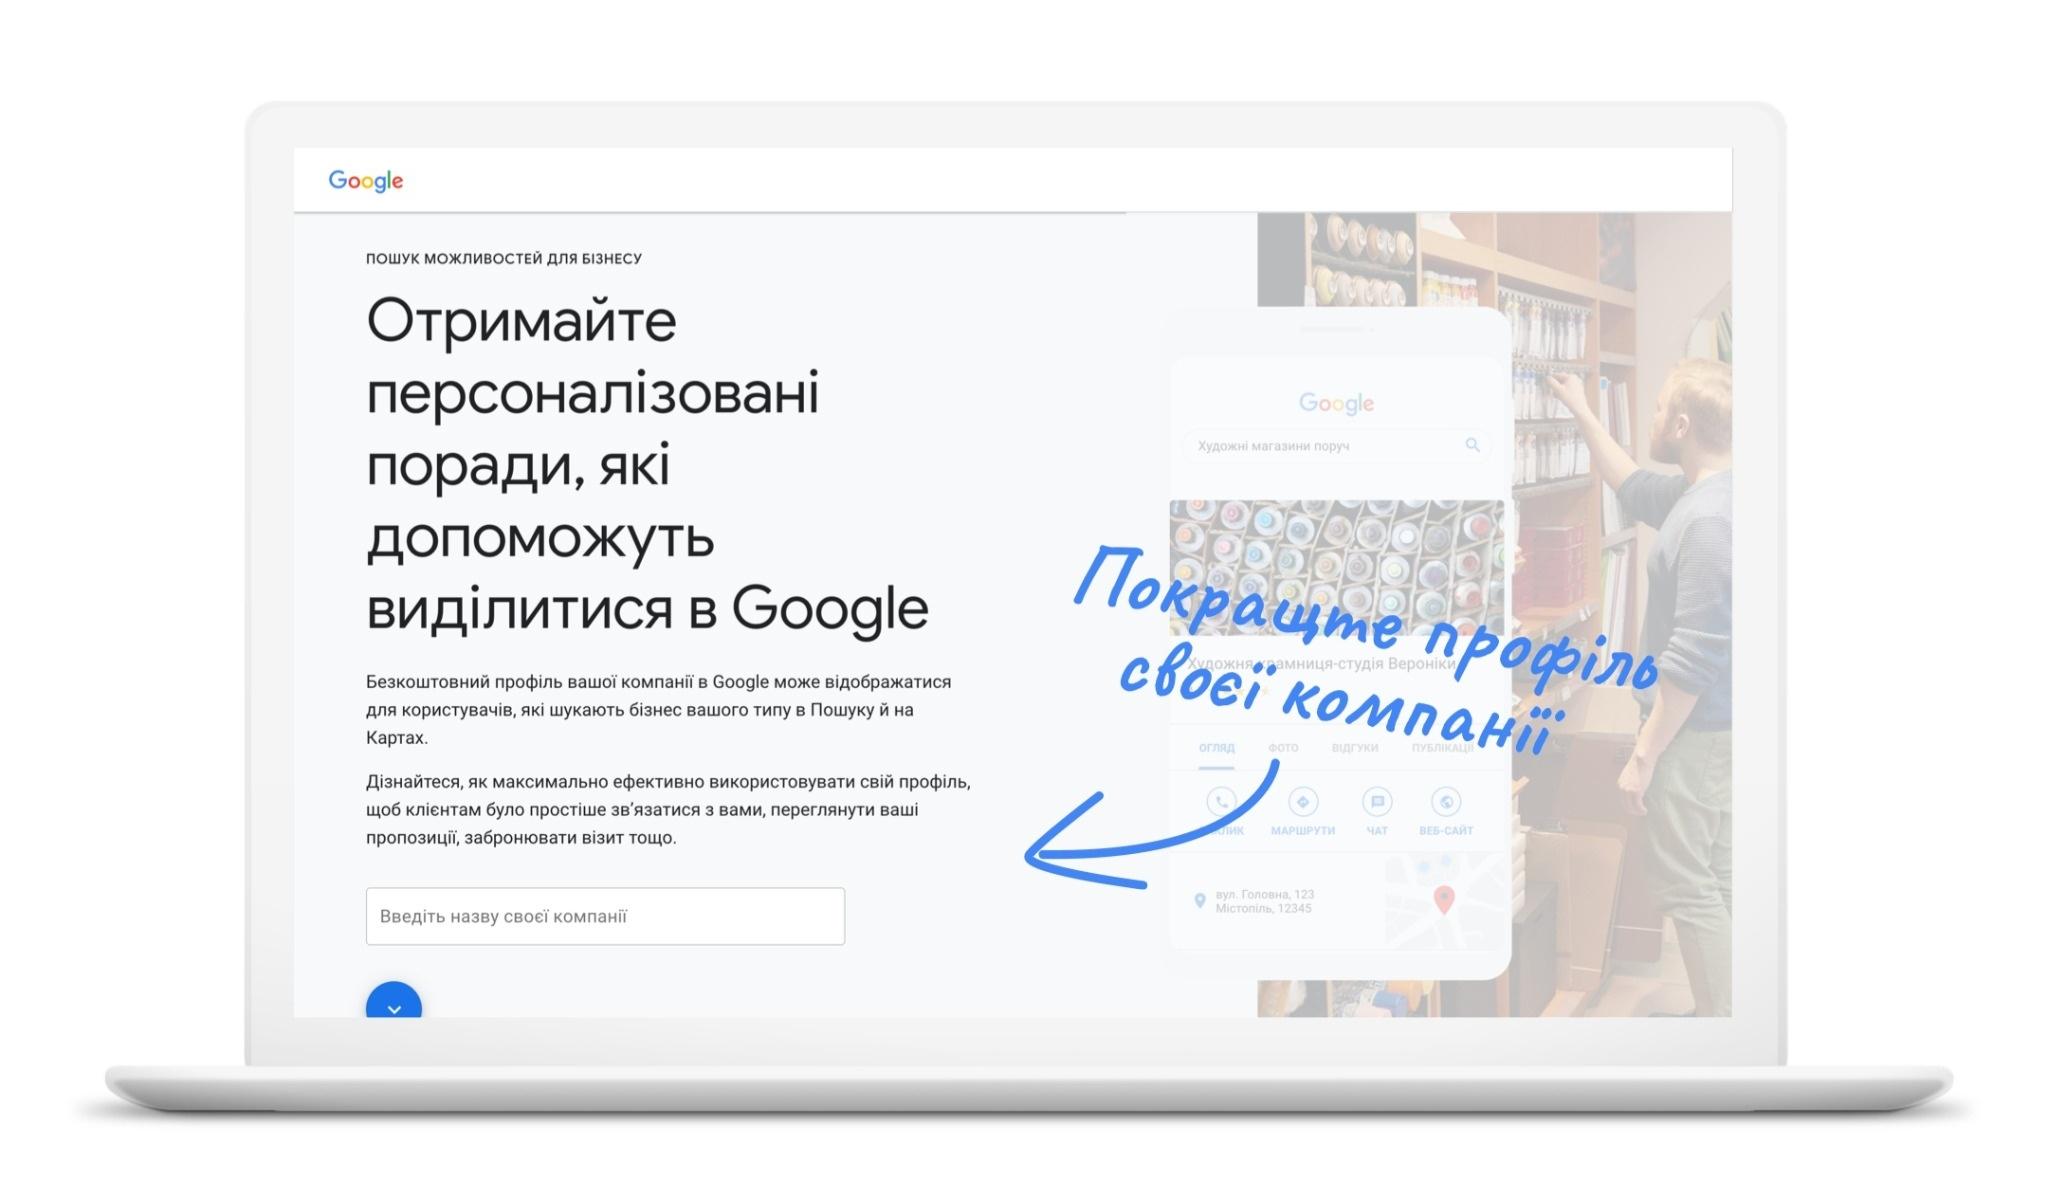 Цифровые технологии для развития бизнеса: Google запускает новые инструменты в Украине - фото №1